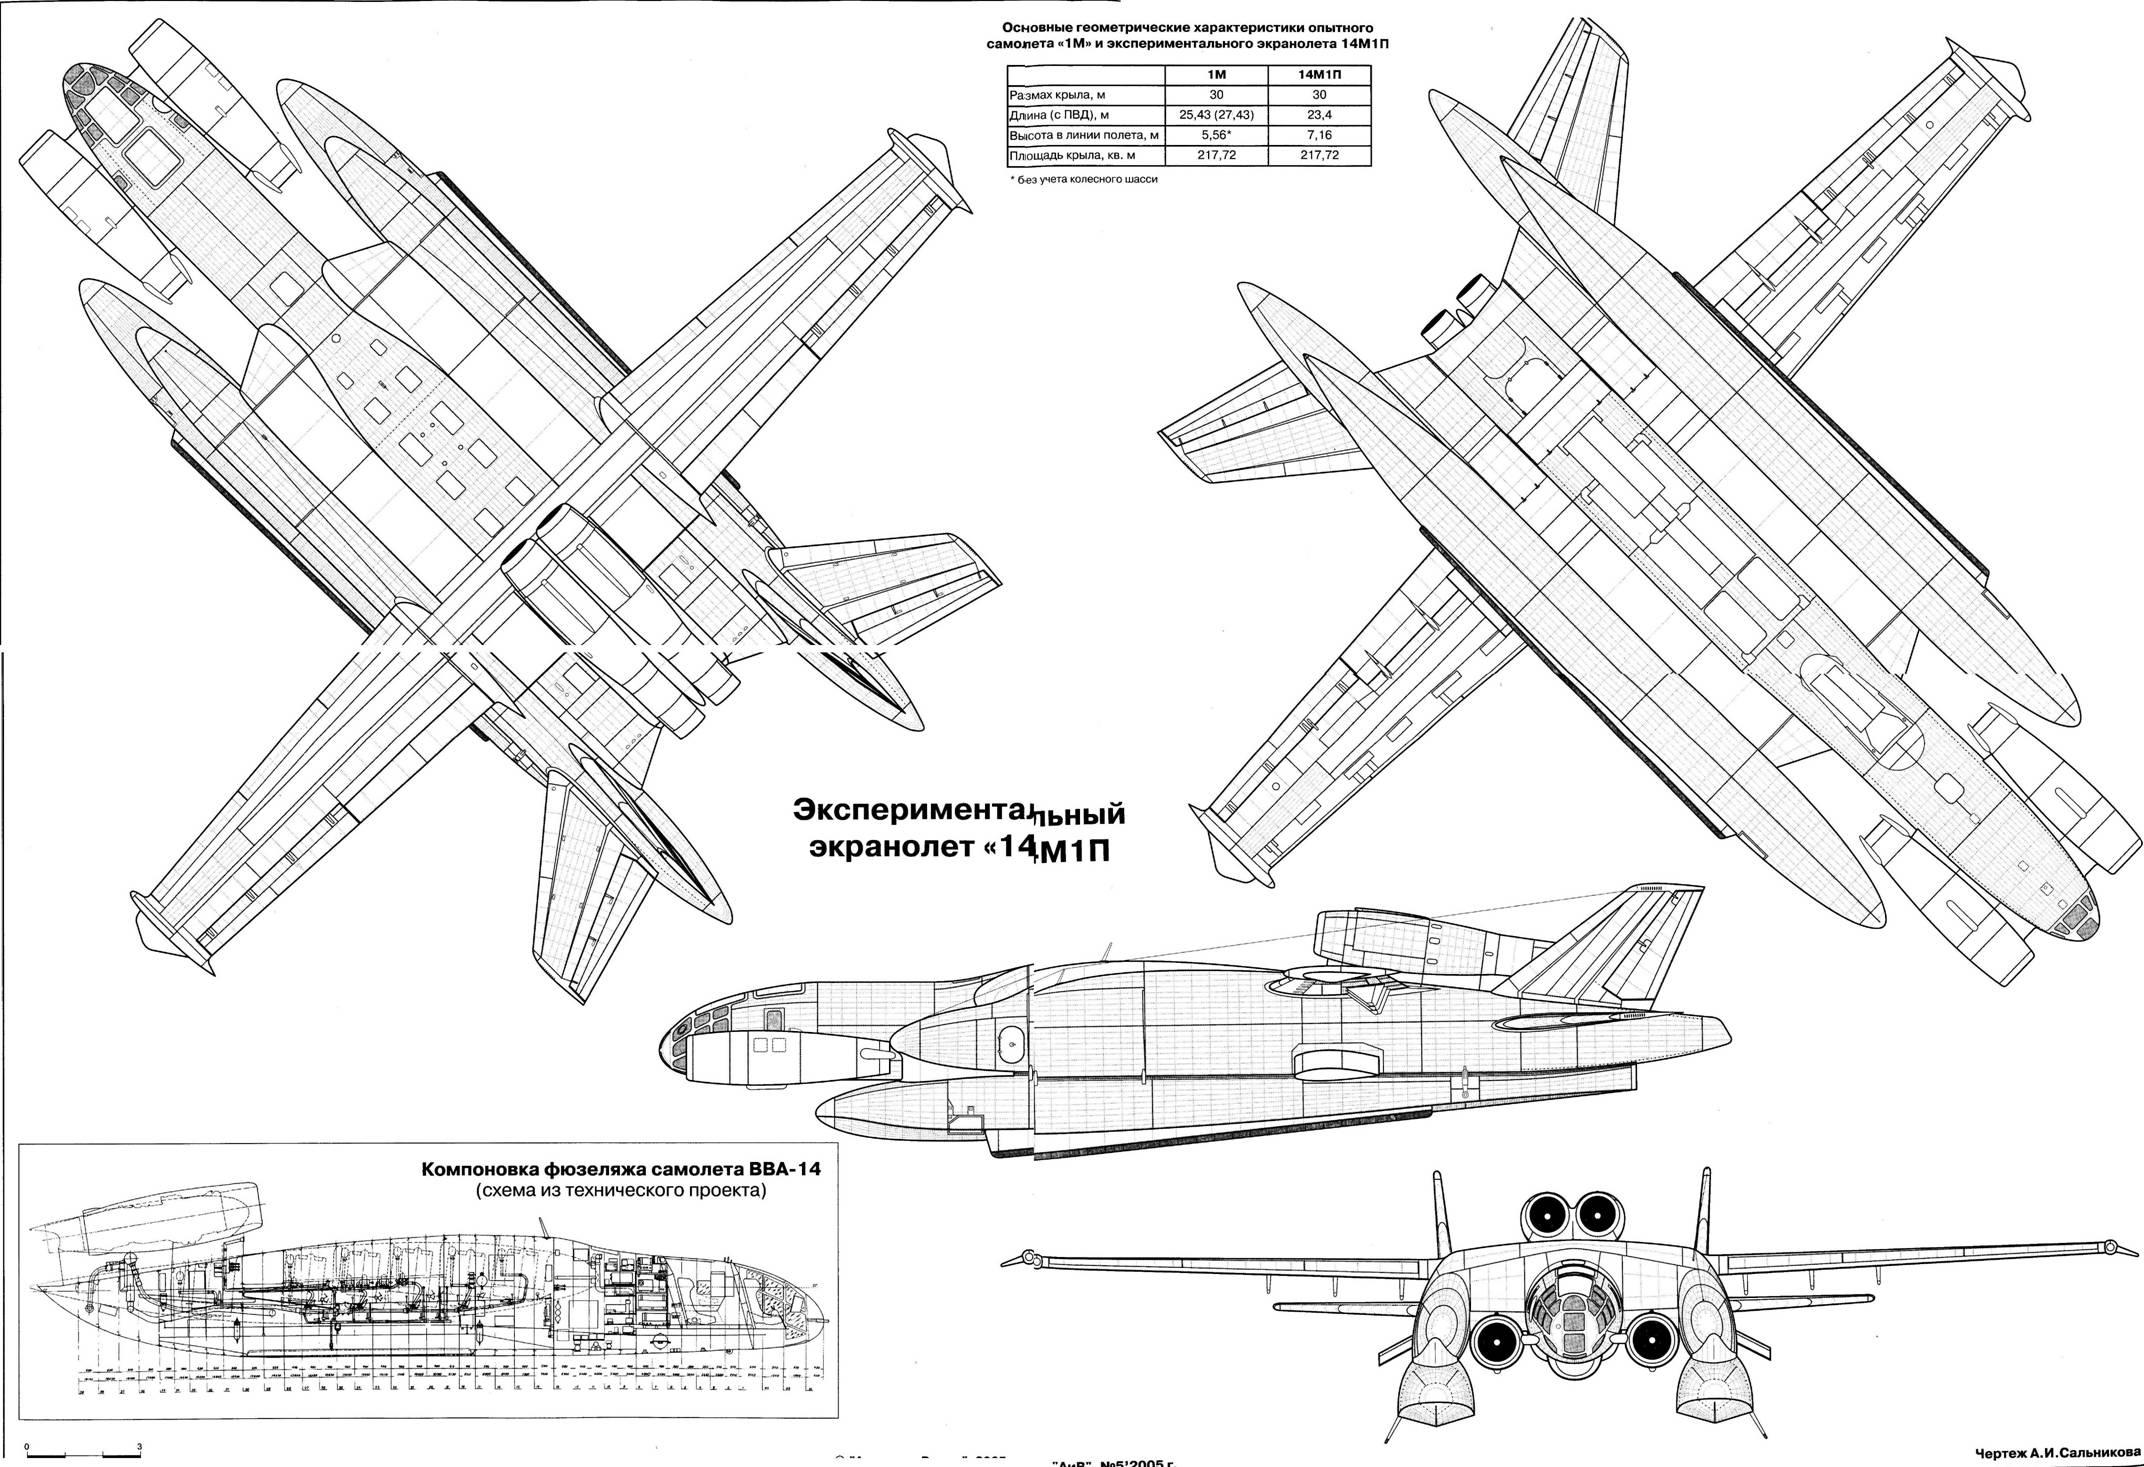 http://www.tinlib.ru/transport_i_aviacija/aviacija_i_vremja_2005_05/pic_101.jpg